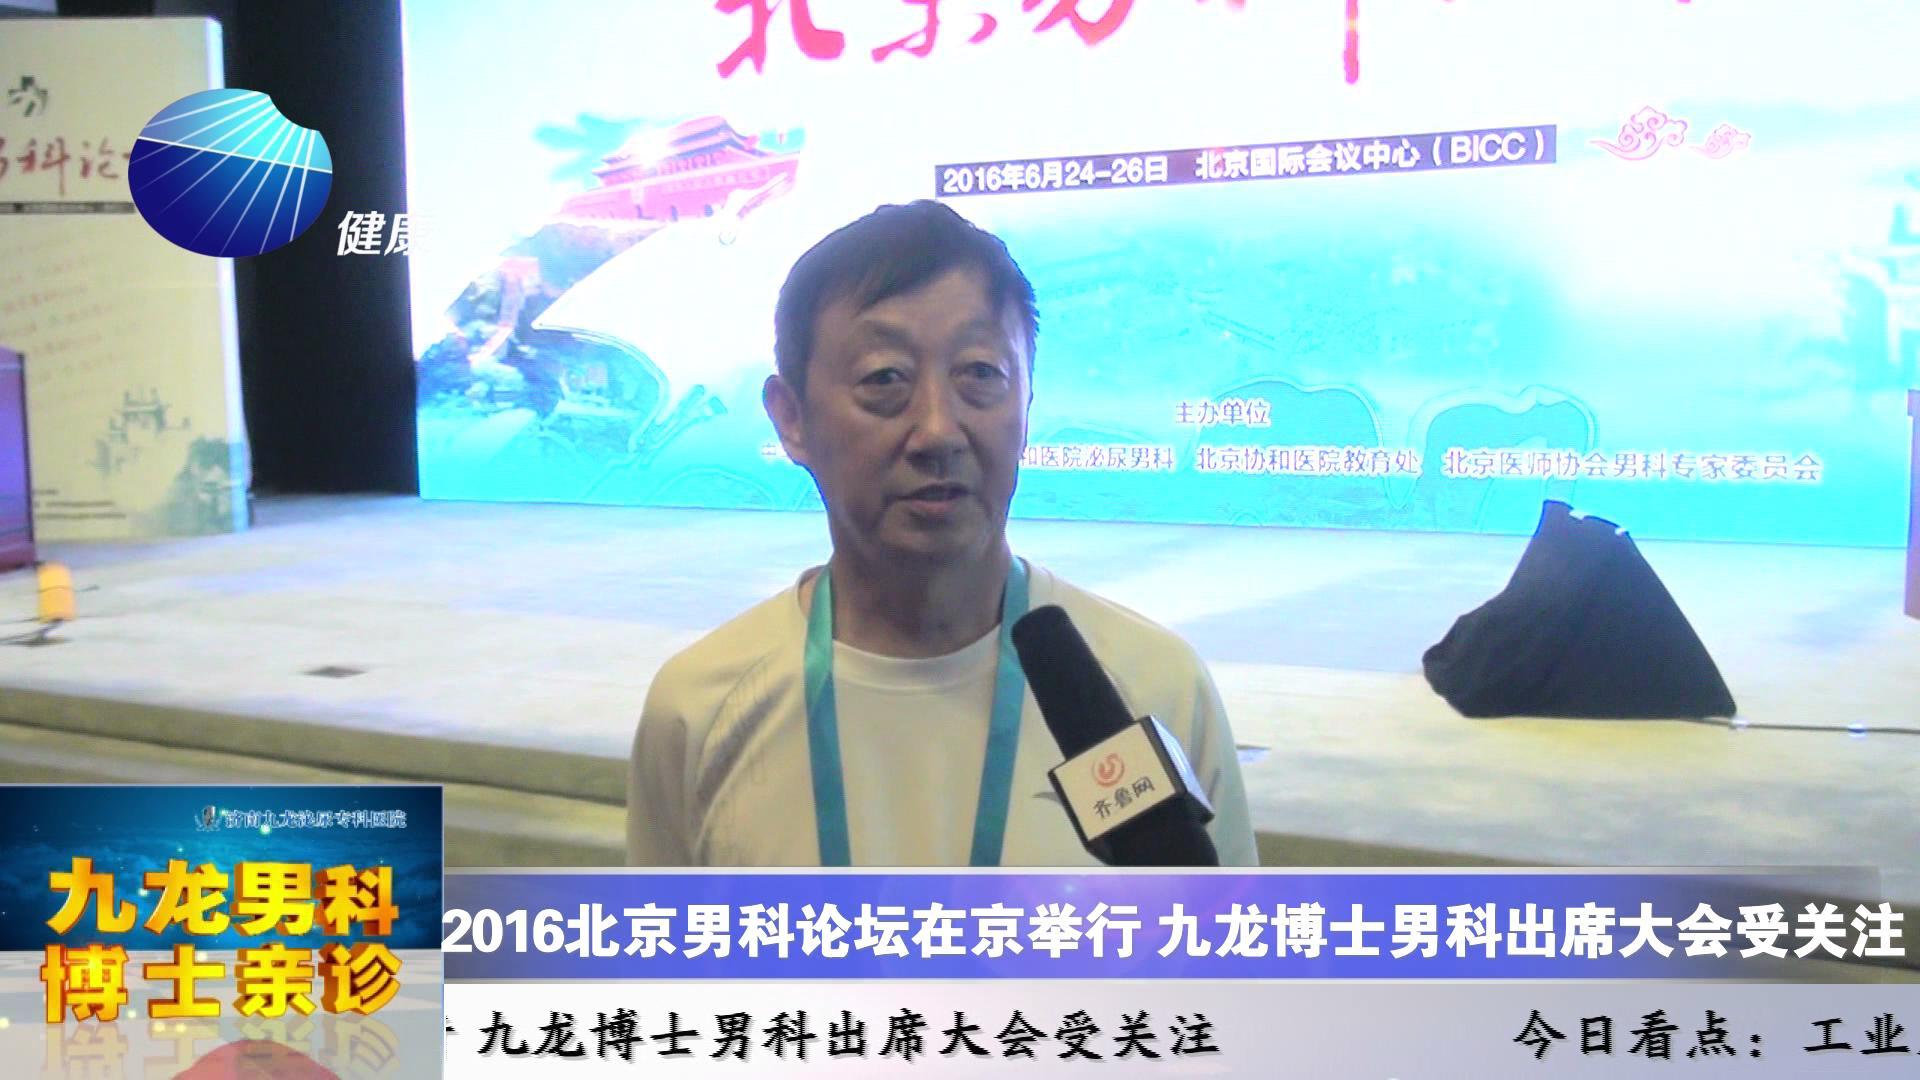 山东健康新闻20160627期:2016北京男科论坛在京举行?九龙博士男科出席大会受关注